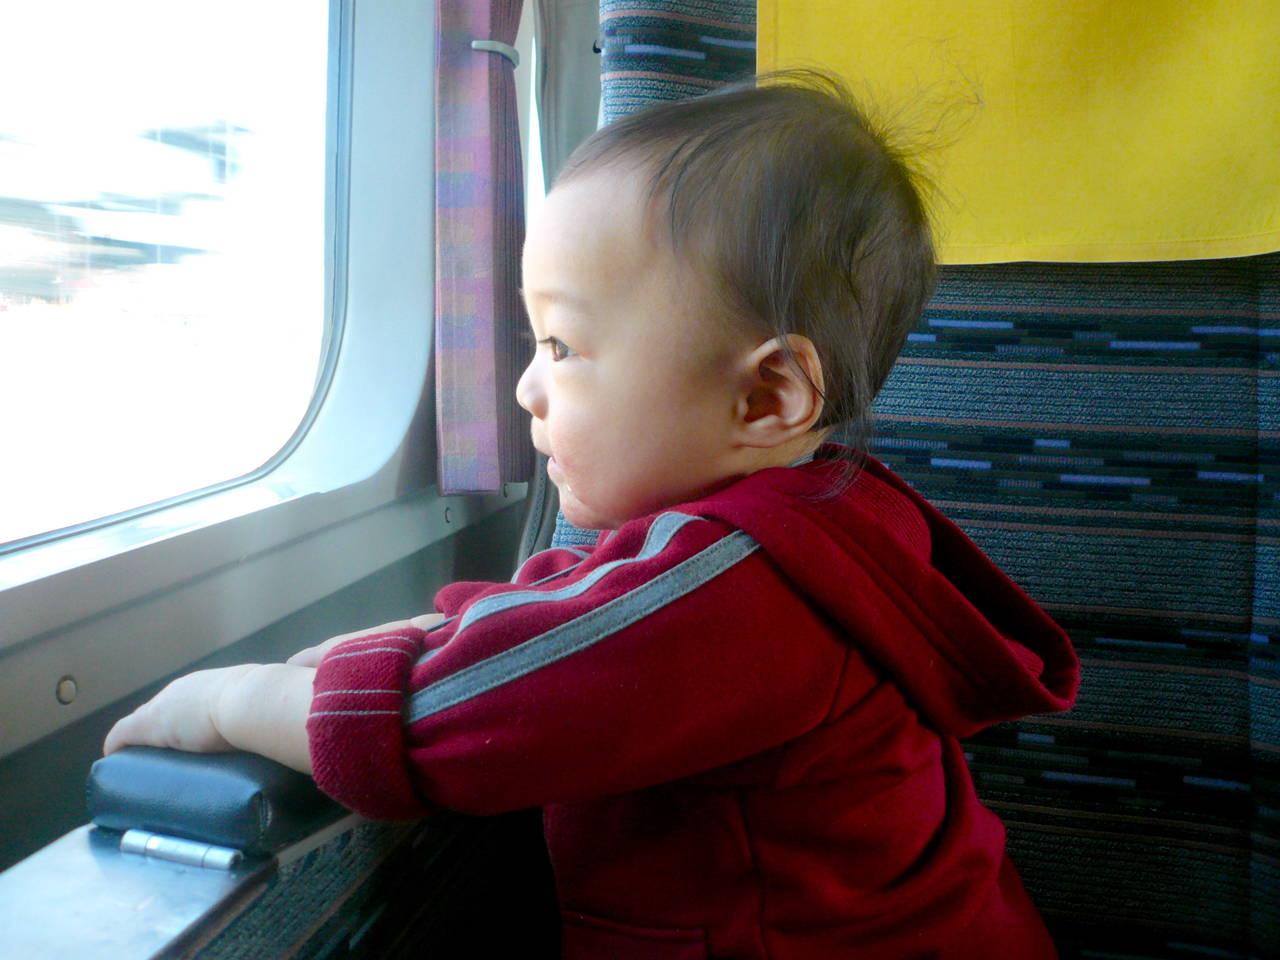 冬休みに赤ちゃんと旅行したい!赤ちゃん連れ旅行の楽しみ方と注意点